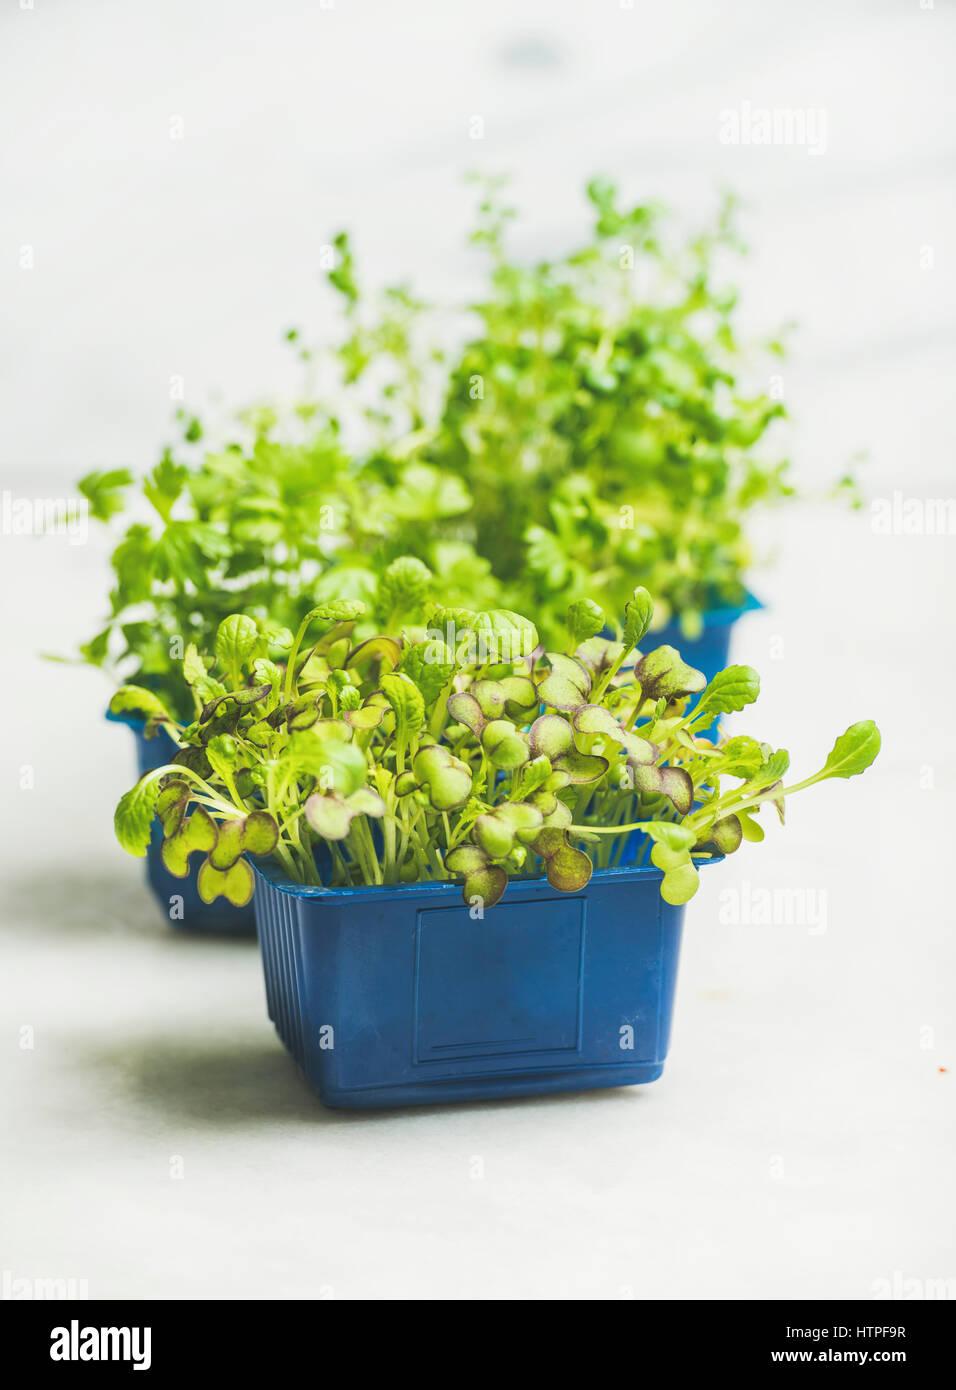 Frische Frühlingsluft grüne live Rettich Kress Sprossen im blauen Kunststoff-Töpfe in weißem Stockbild